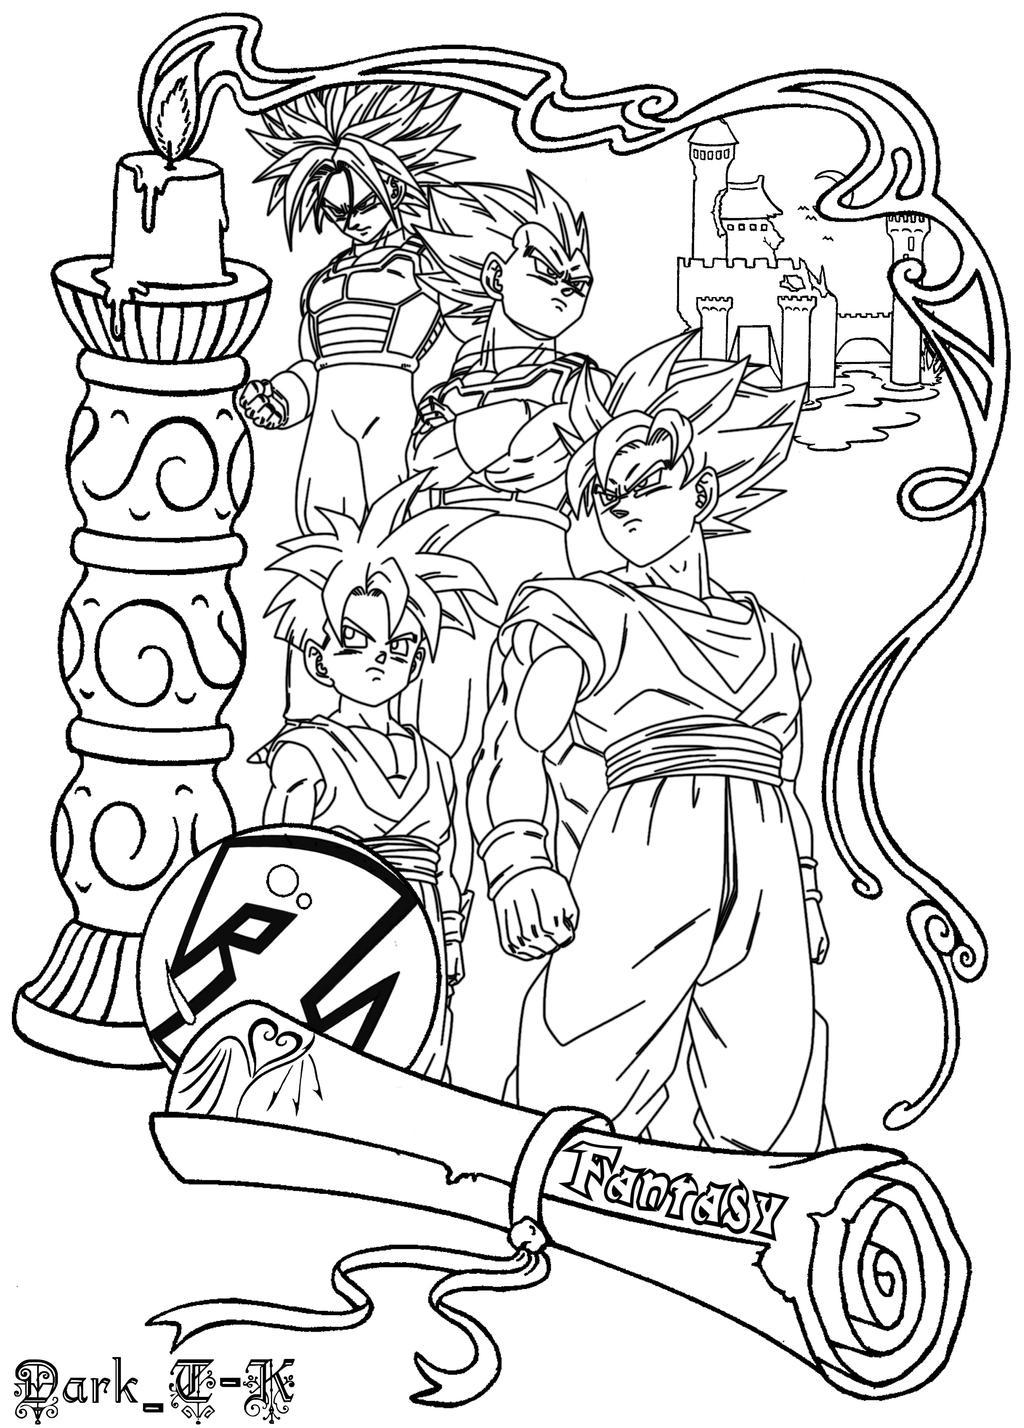 A Girls DBZ Fantasy by shinigamisgem